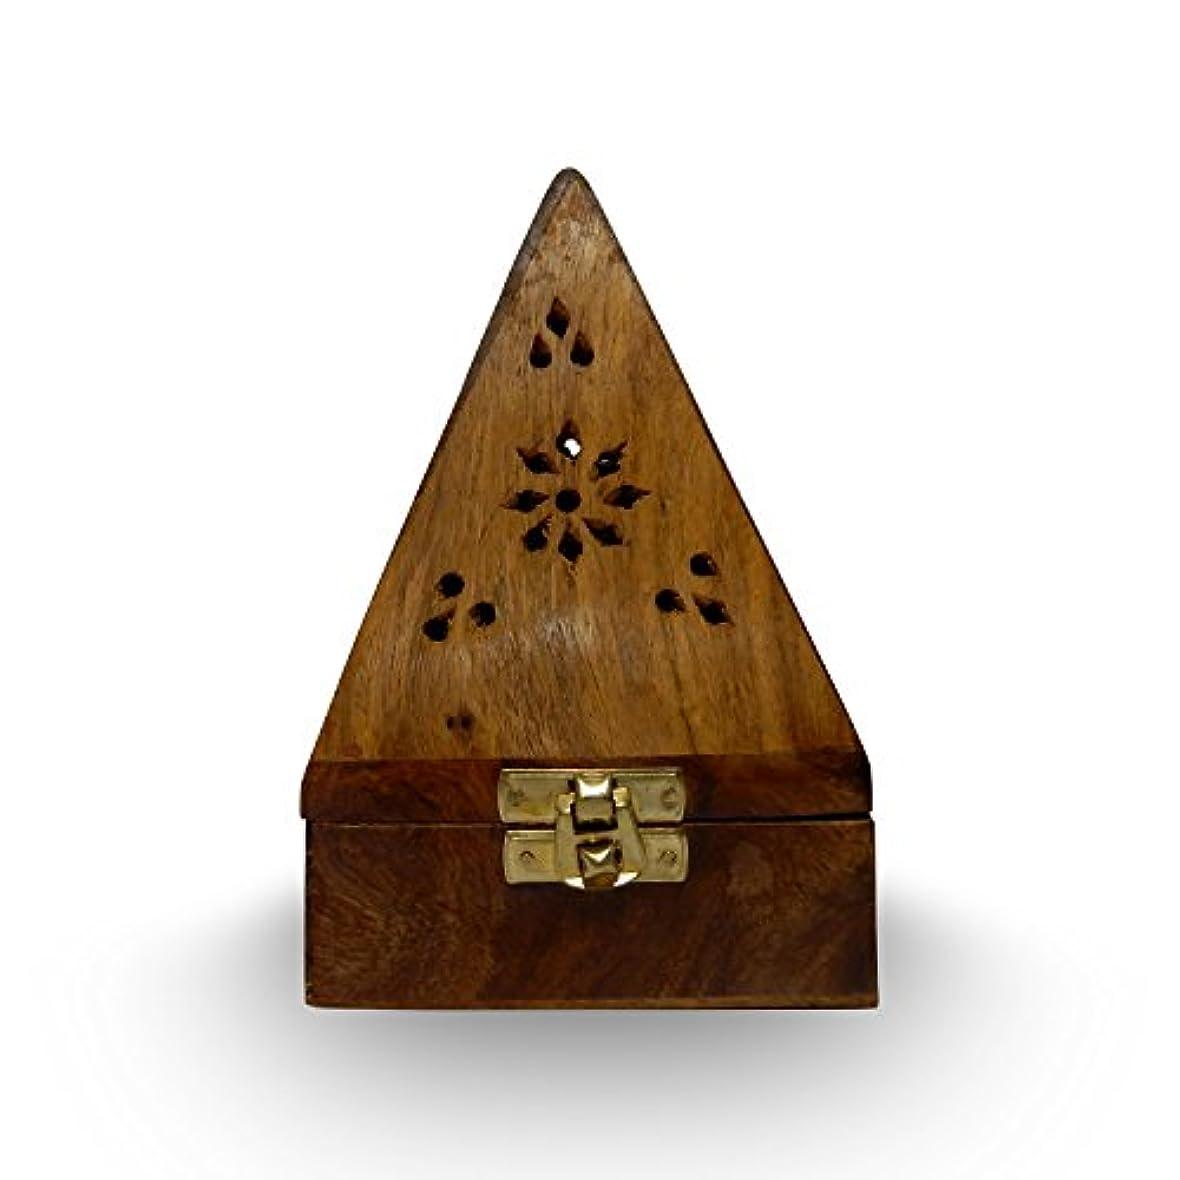 夜間コテージ早く木製クラシックピラミッドスタイルBurner ( Dhoopホルダー) with Base正方形とトップ円錐形状、木製香炉ボックス